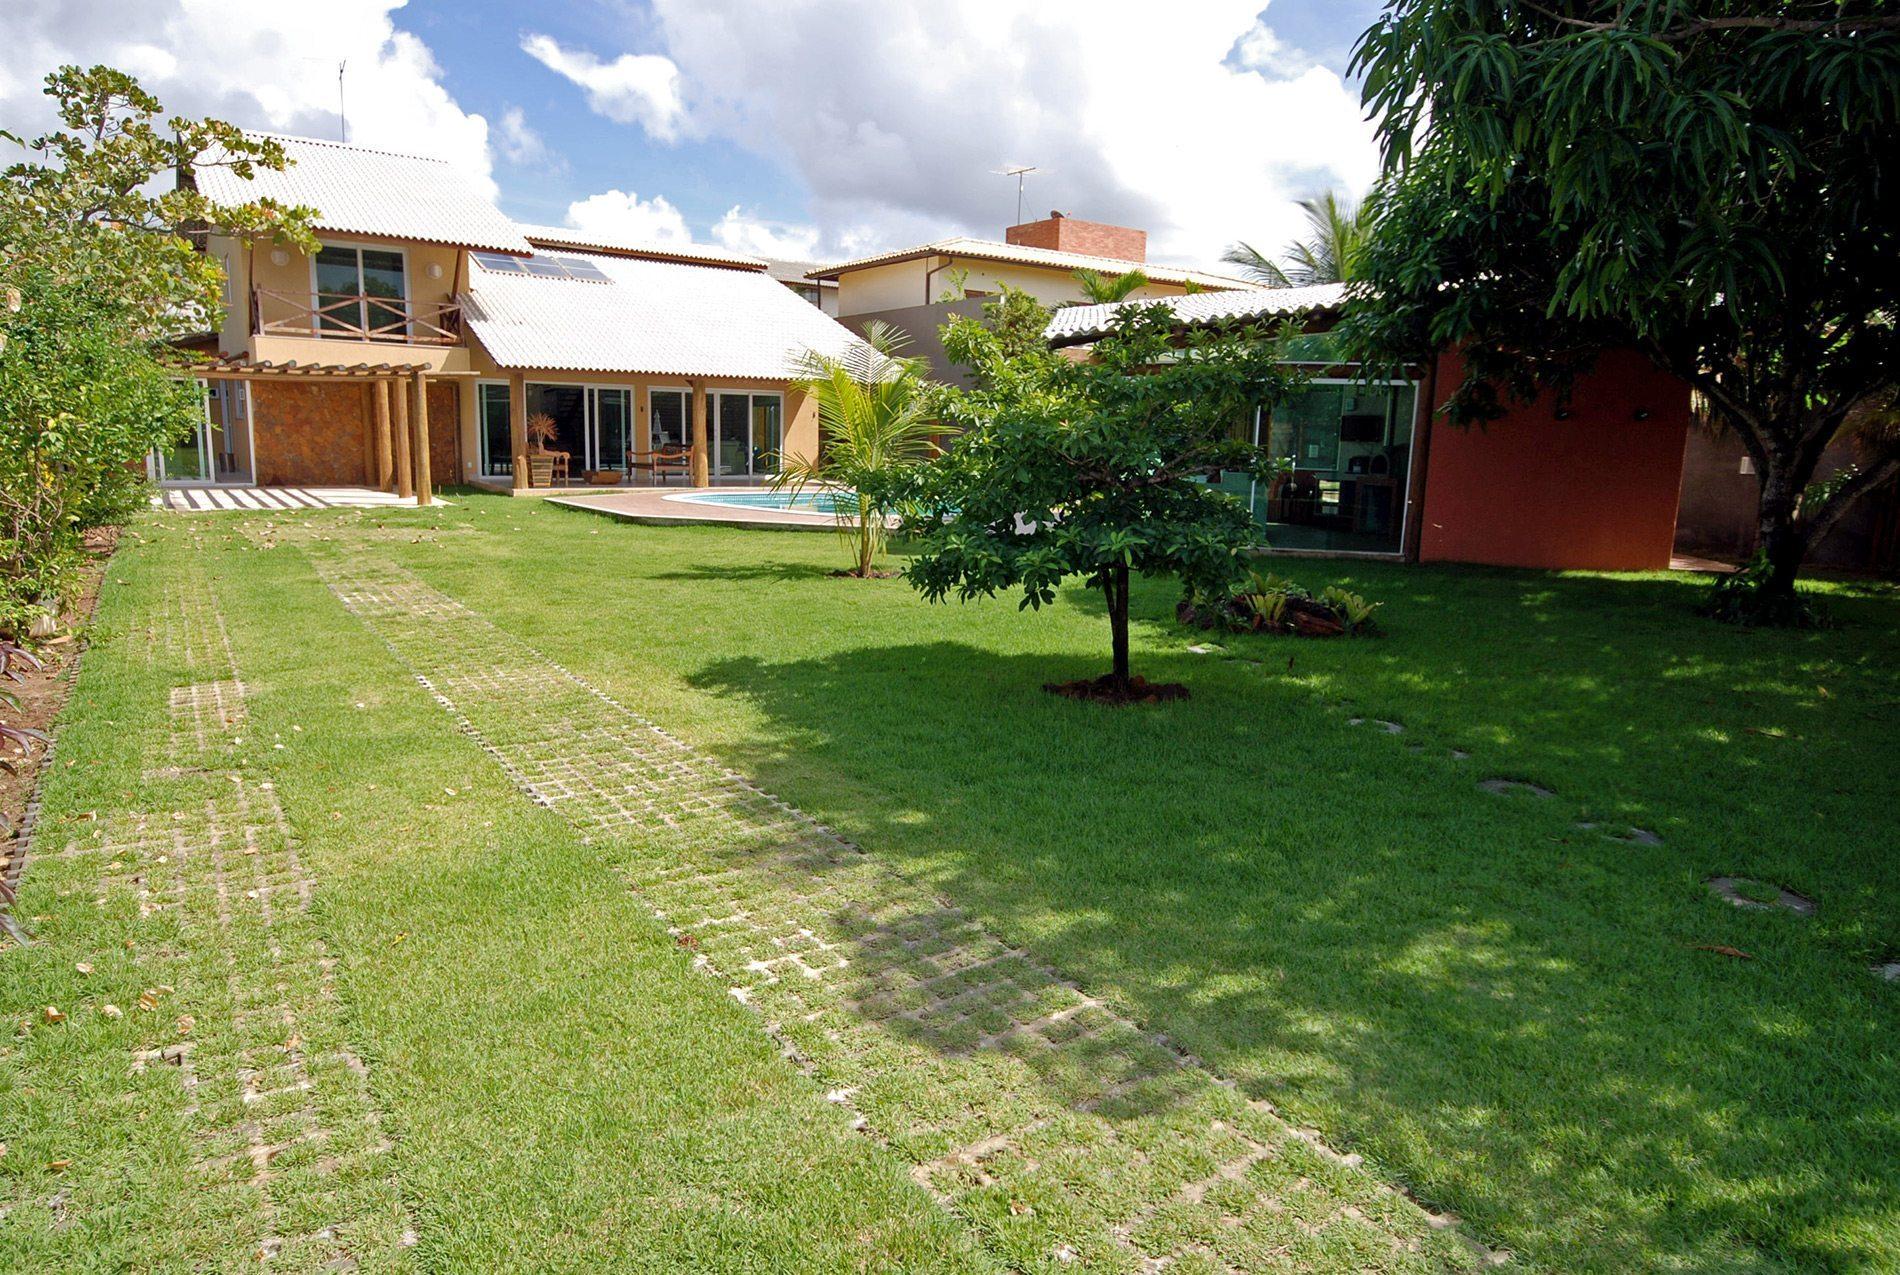 Casa in vendita vicino alla spiaggia itacimirim hansen for Case 5 camere da letto in vendita vicino a me